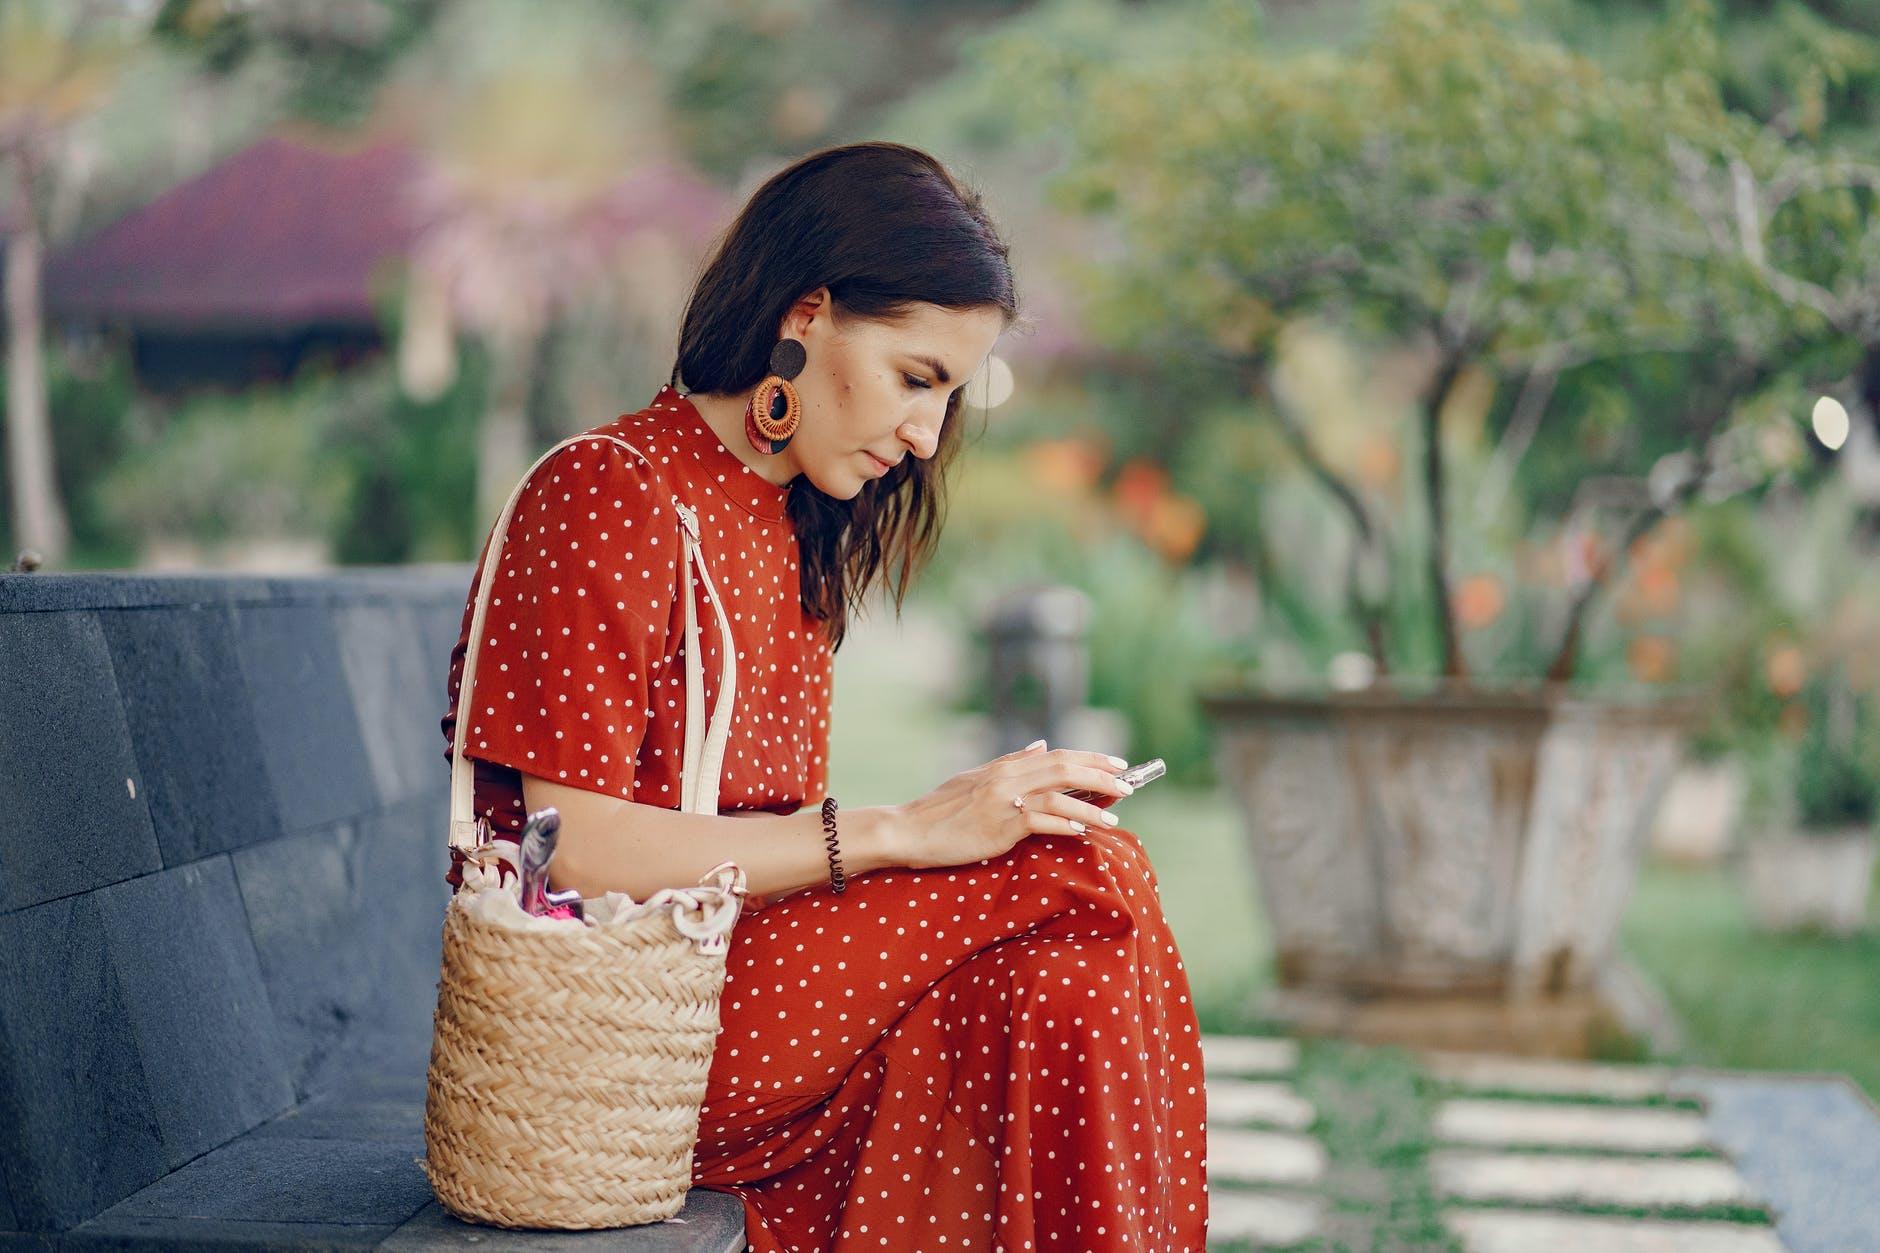 La-coppia-ai-tempi-dei-social-media -Come-sono-cambiate-le-relazioni-nell-era-digitale